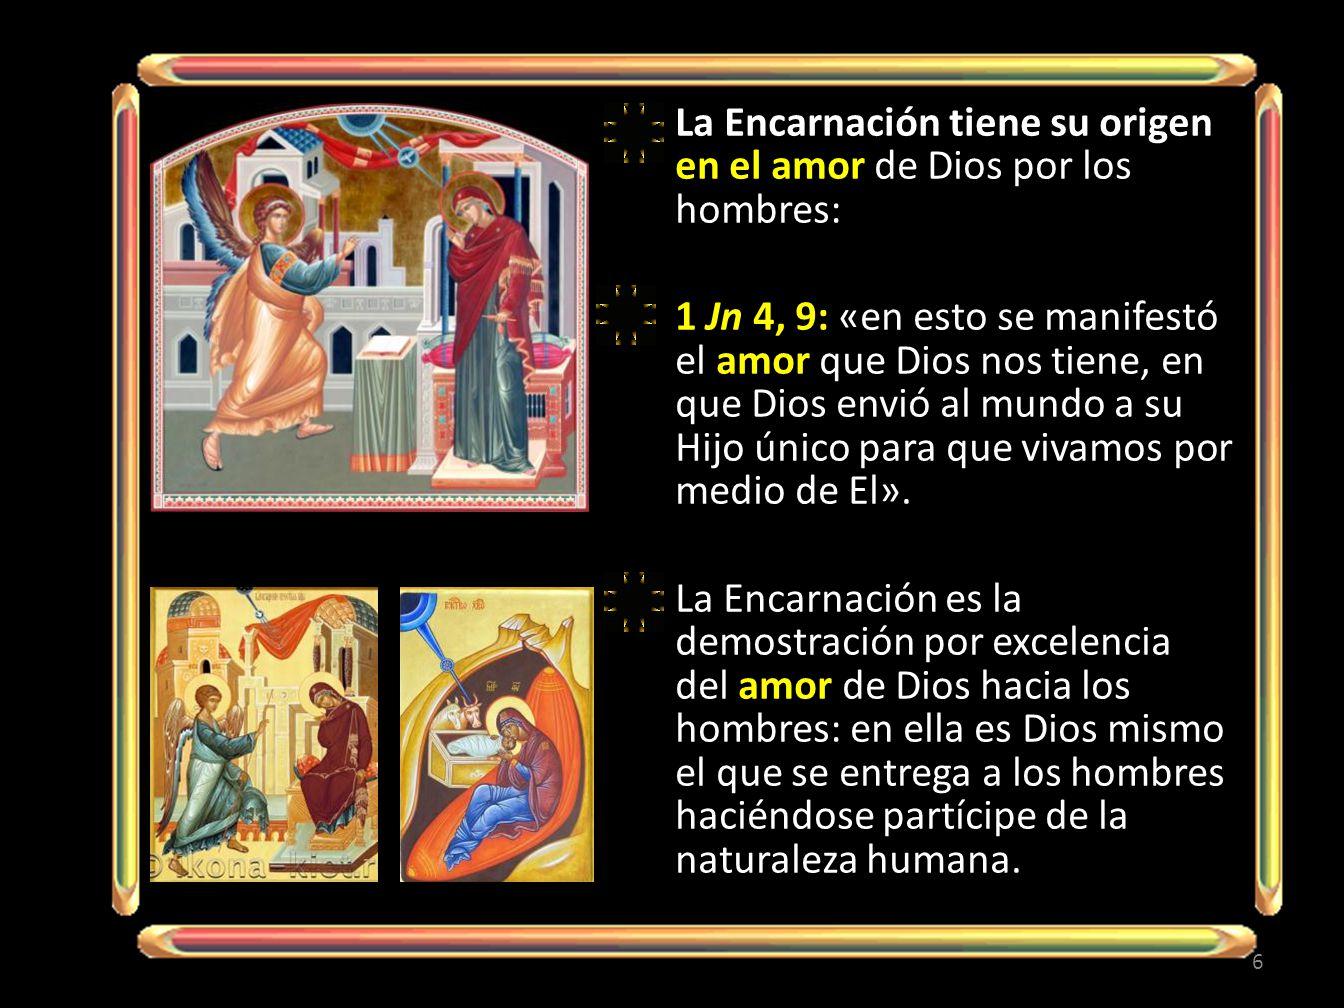 La Encarnación tiene su origen en el amor de Dios por los hombres: 1 Jn 4, 9: «en esto se manifestó el amor que Dios nos tiene, en que Dios envió al mundo a su Hijo único para que vivamos por medio de El».